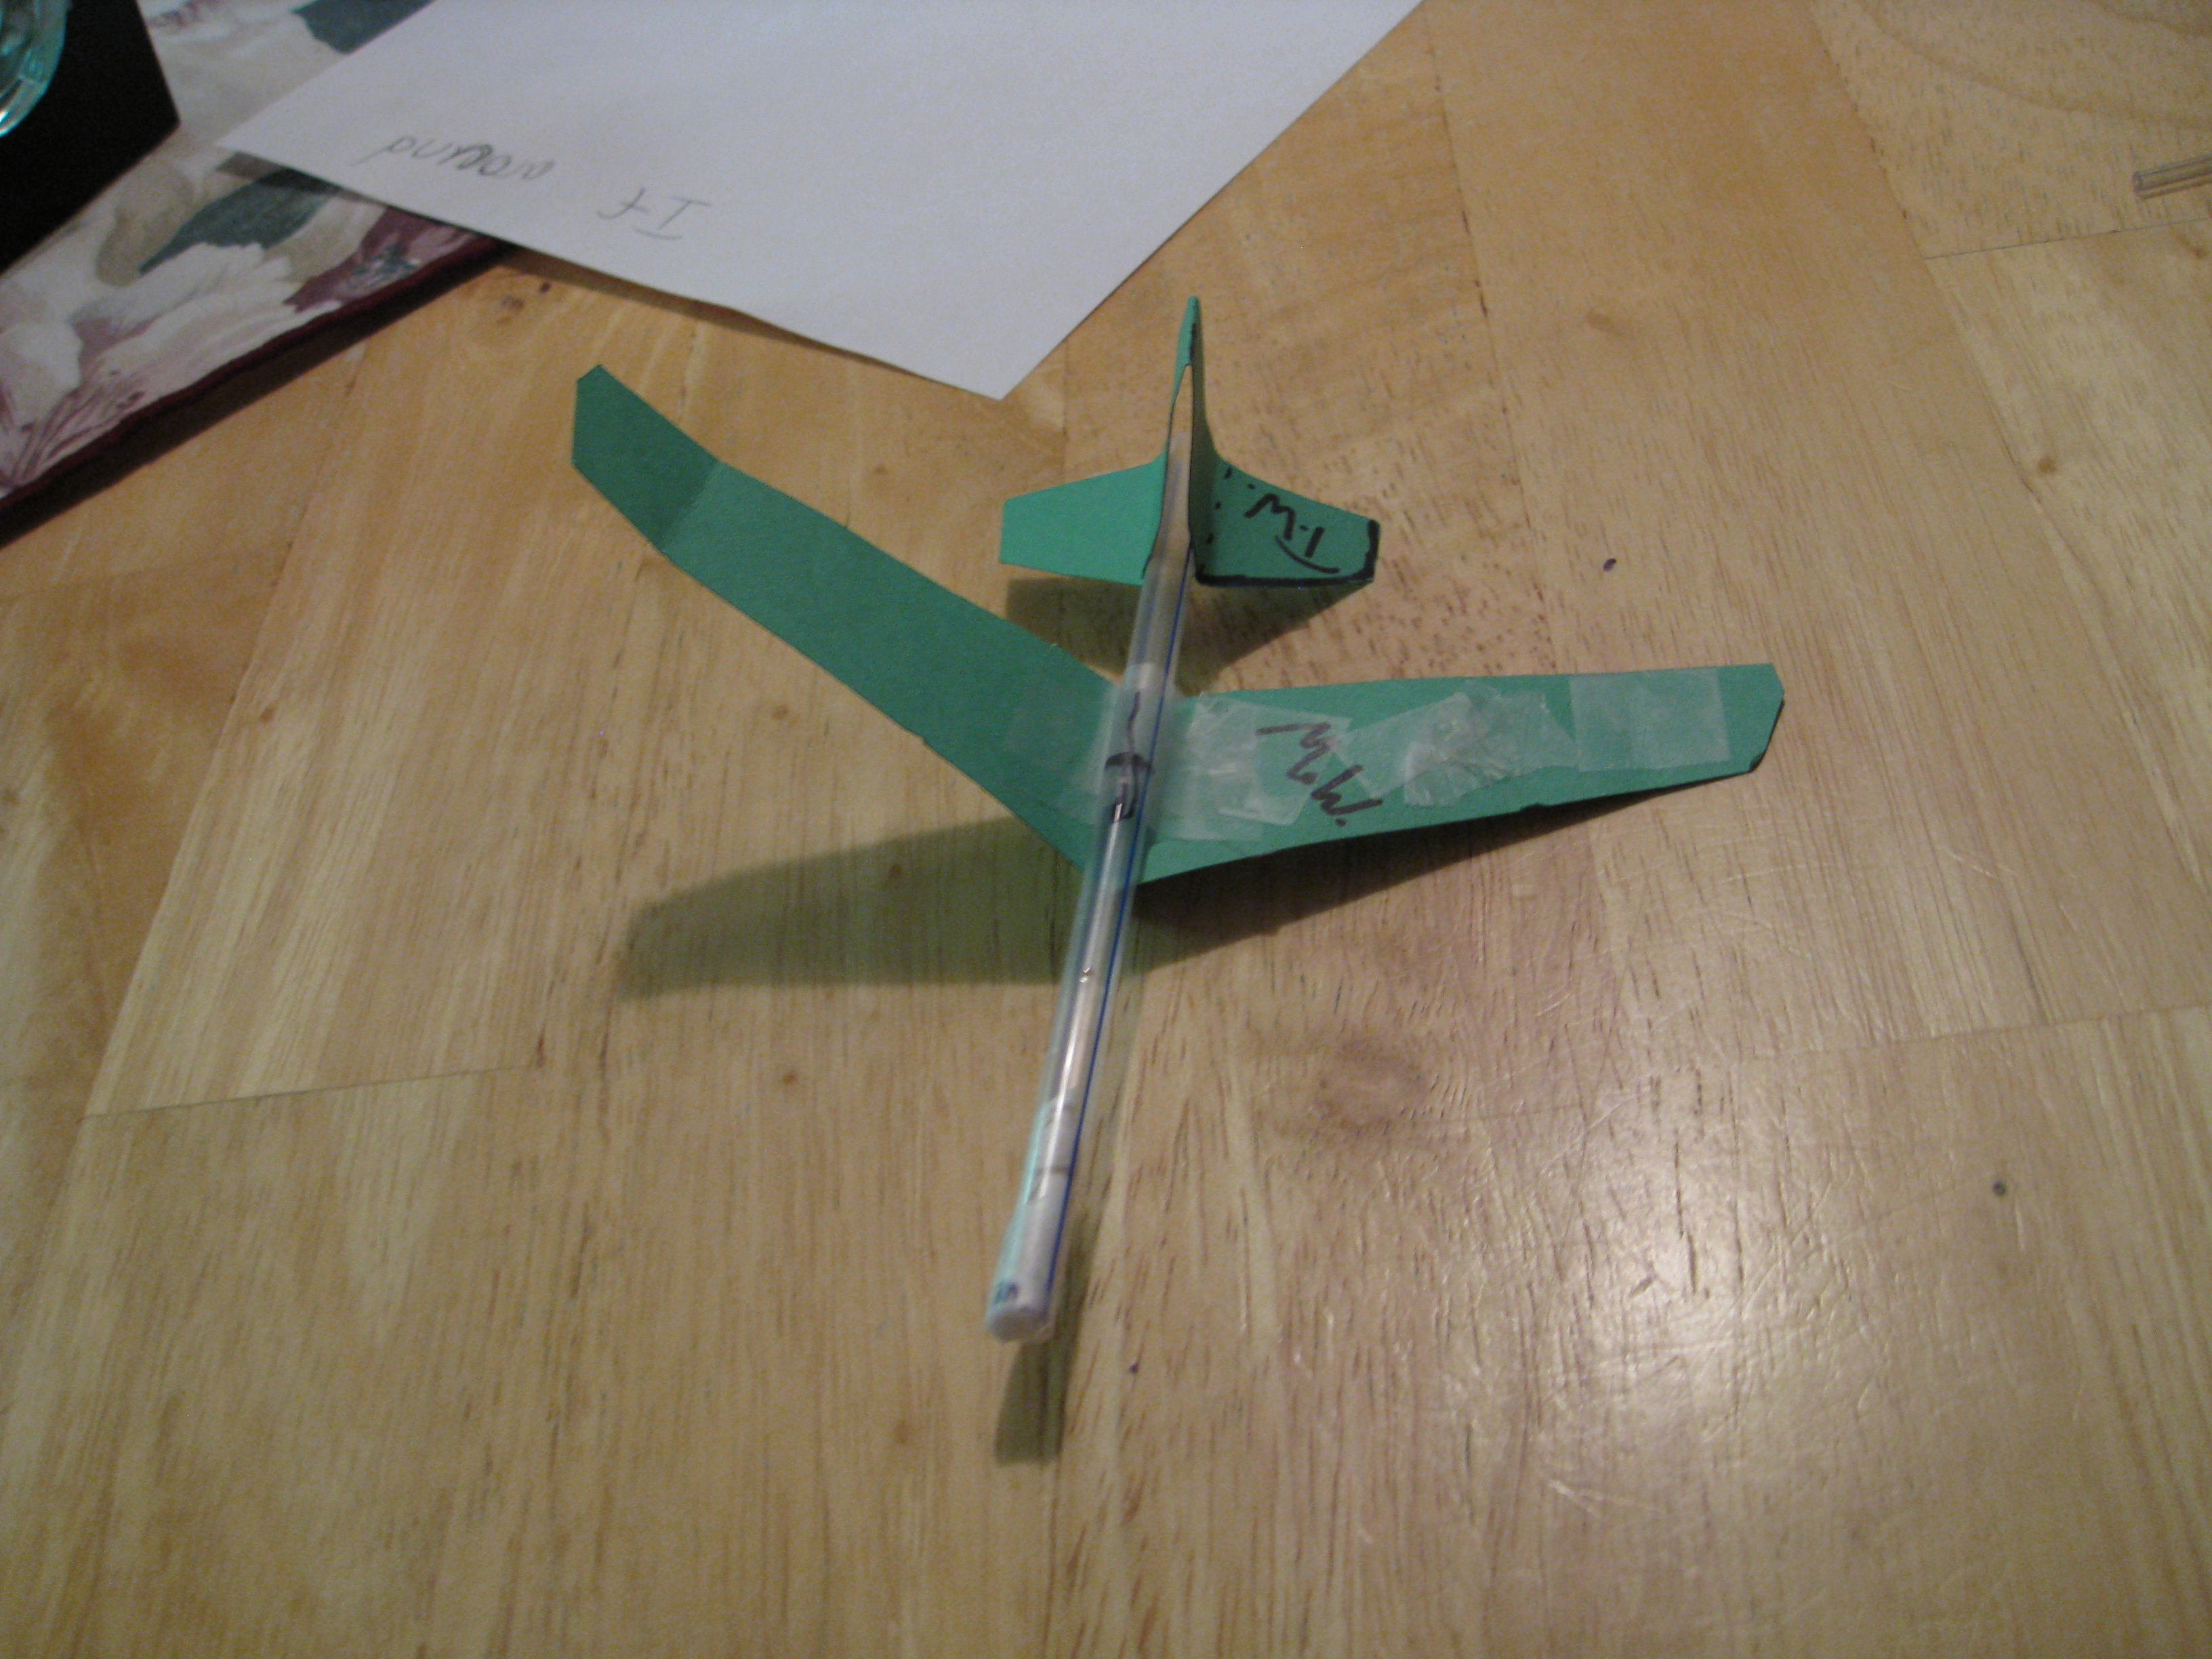 Awesome Straw Plane